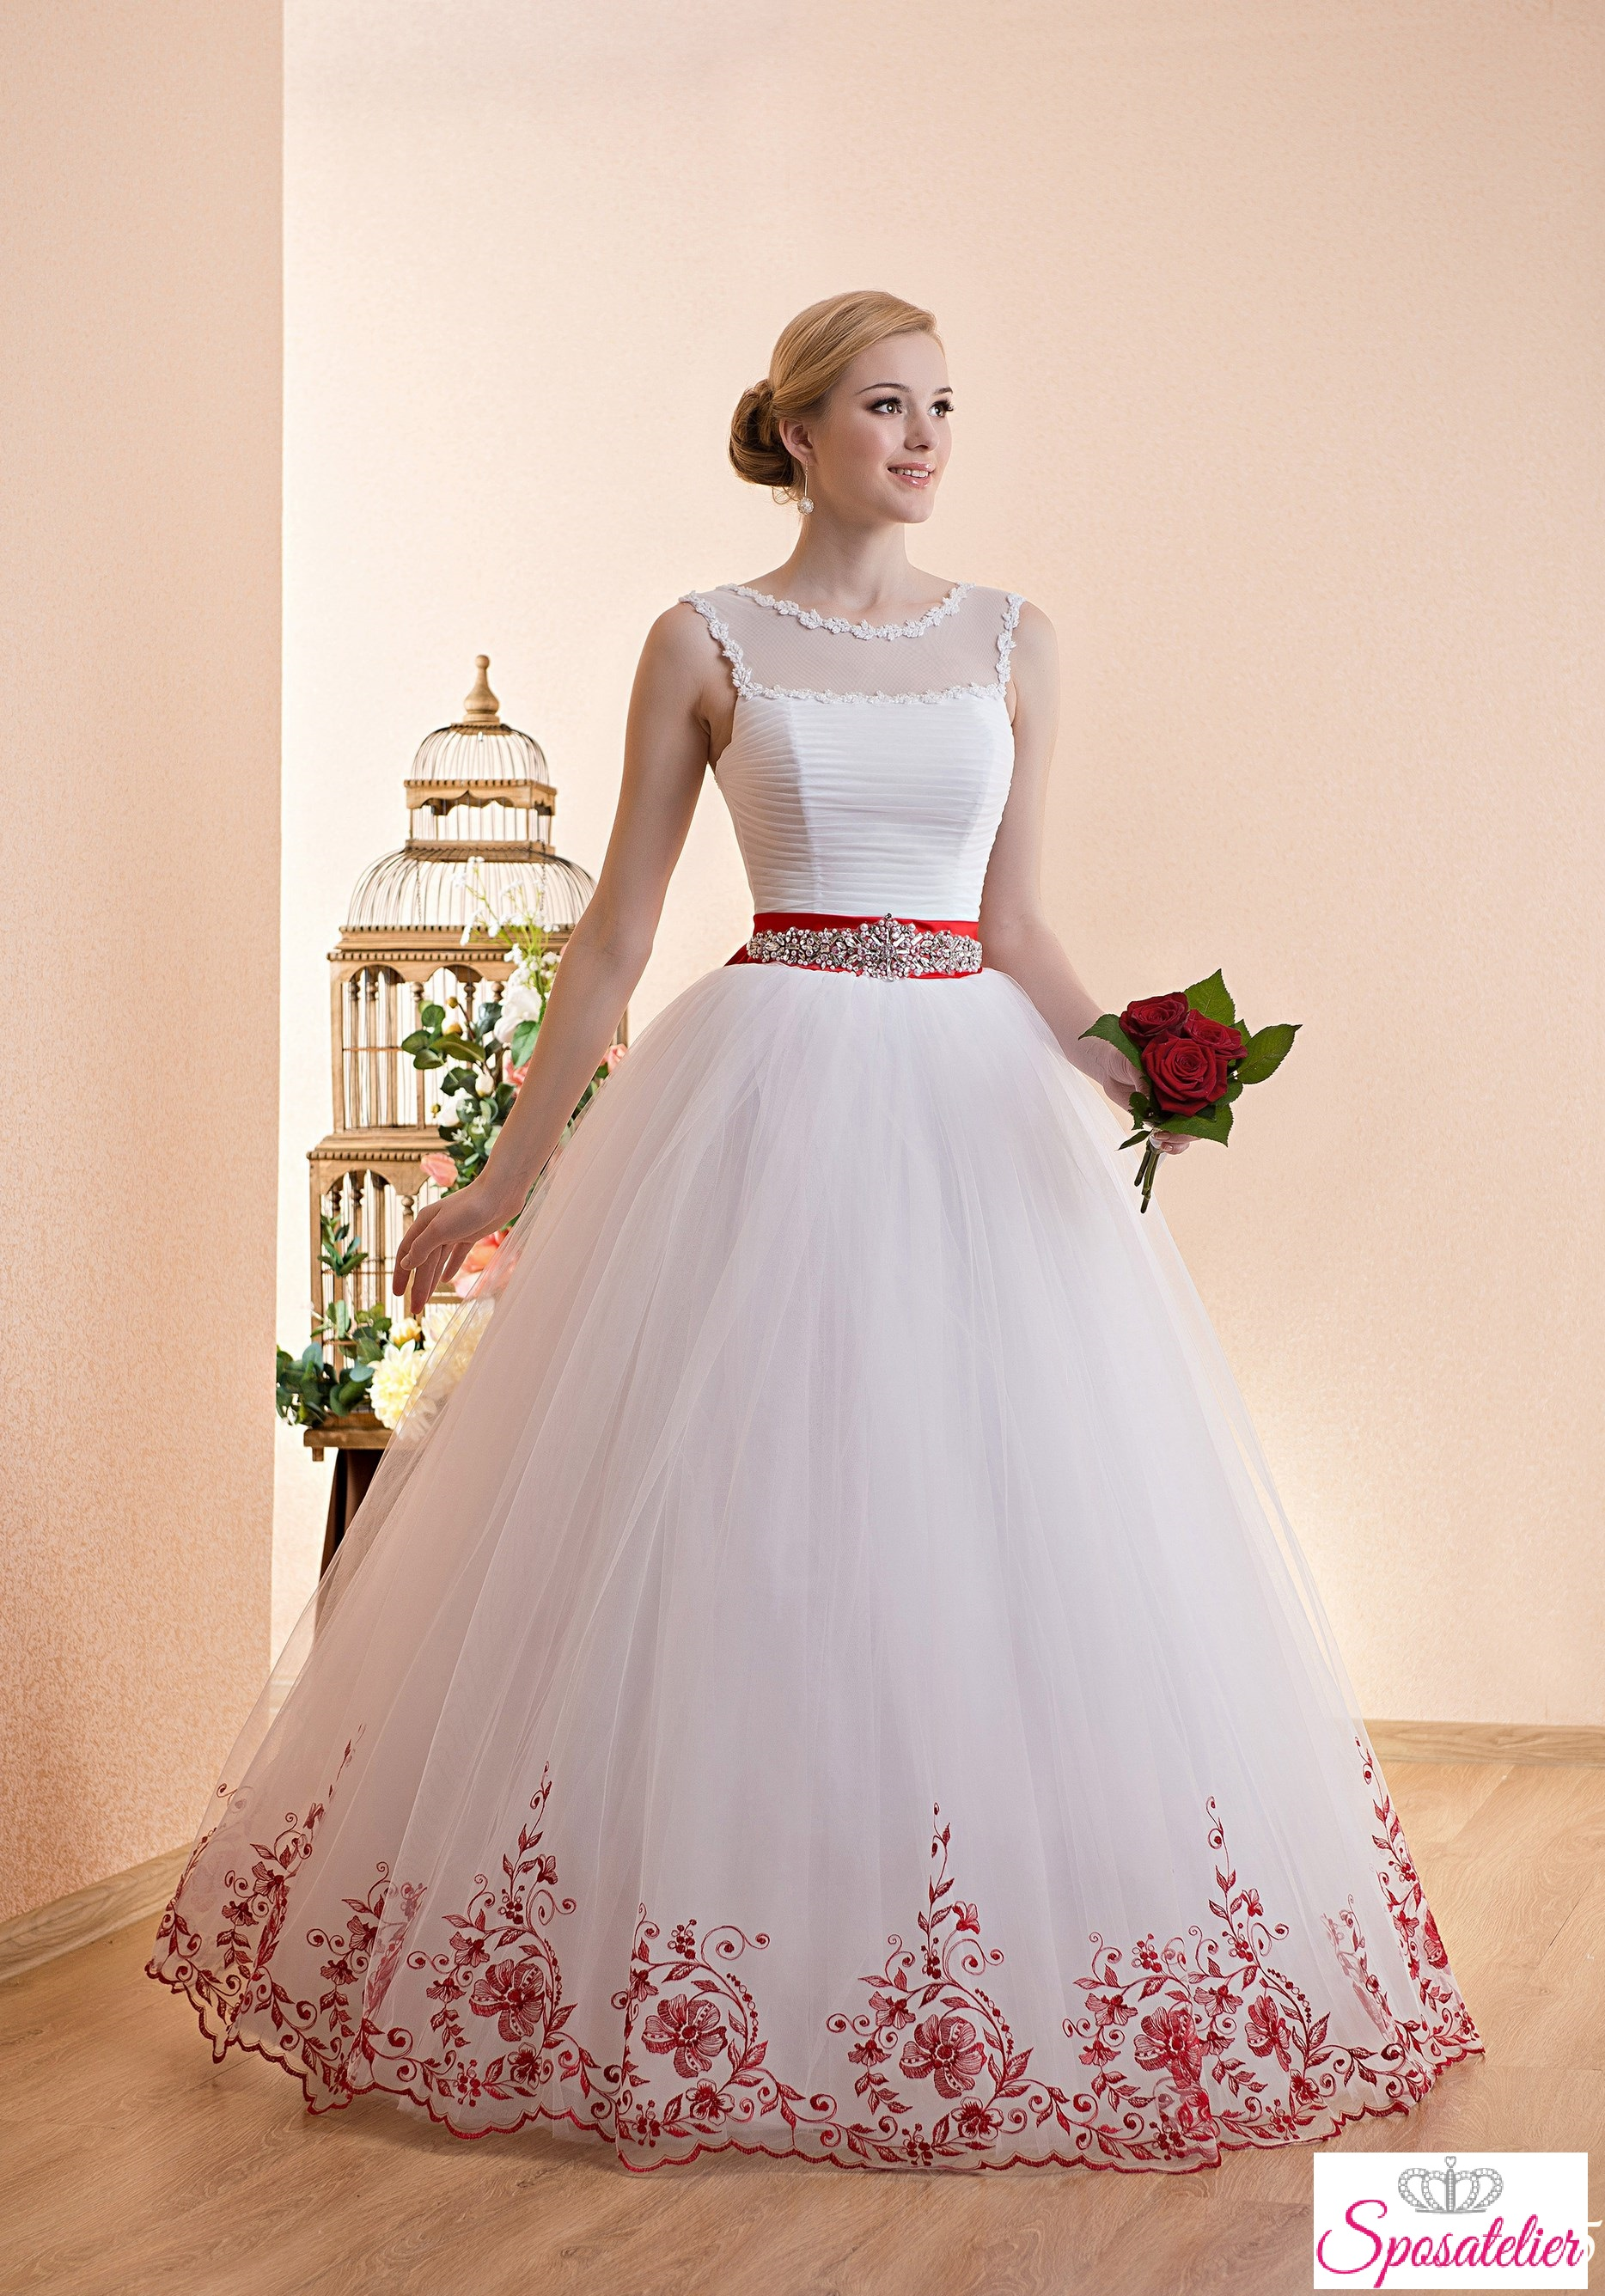 Abiti sposa rossi e bianchi